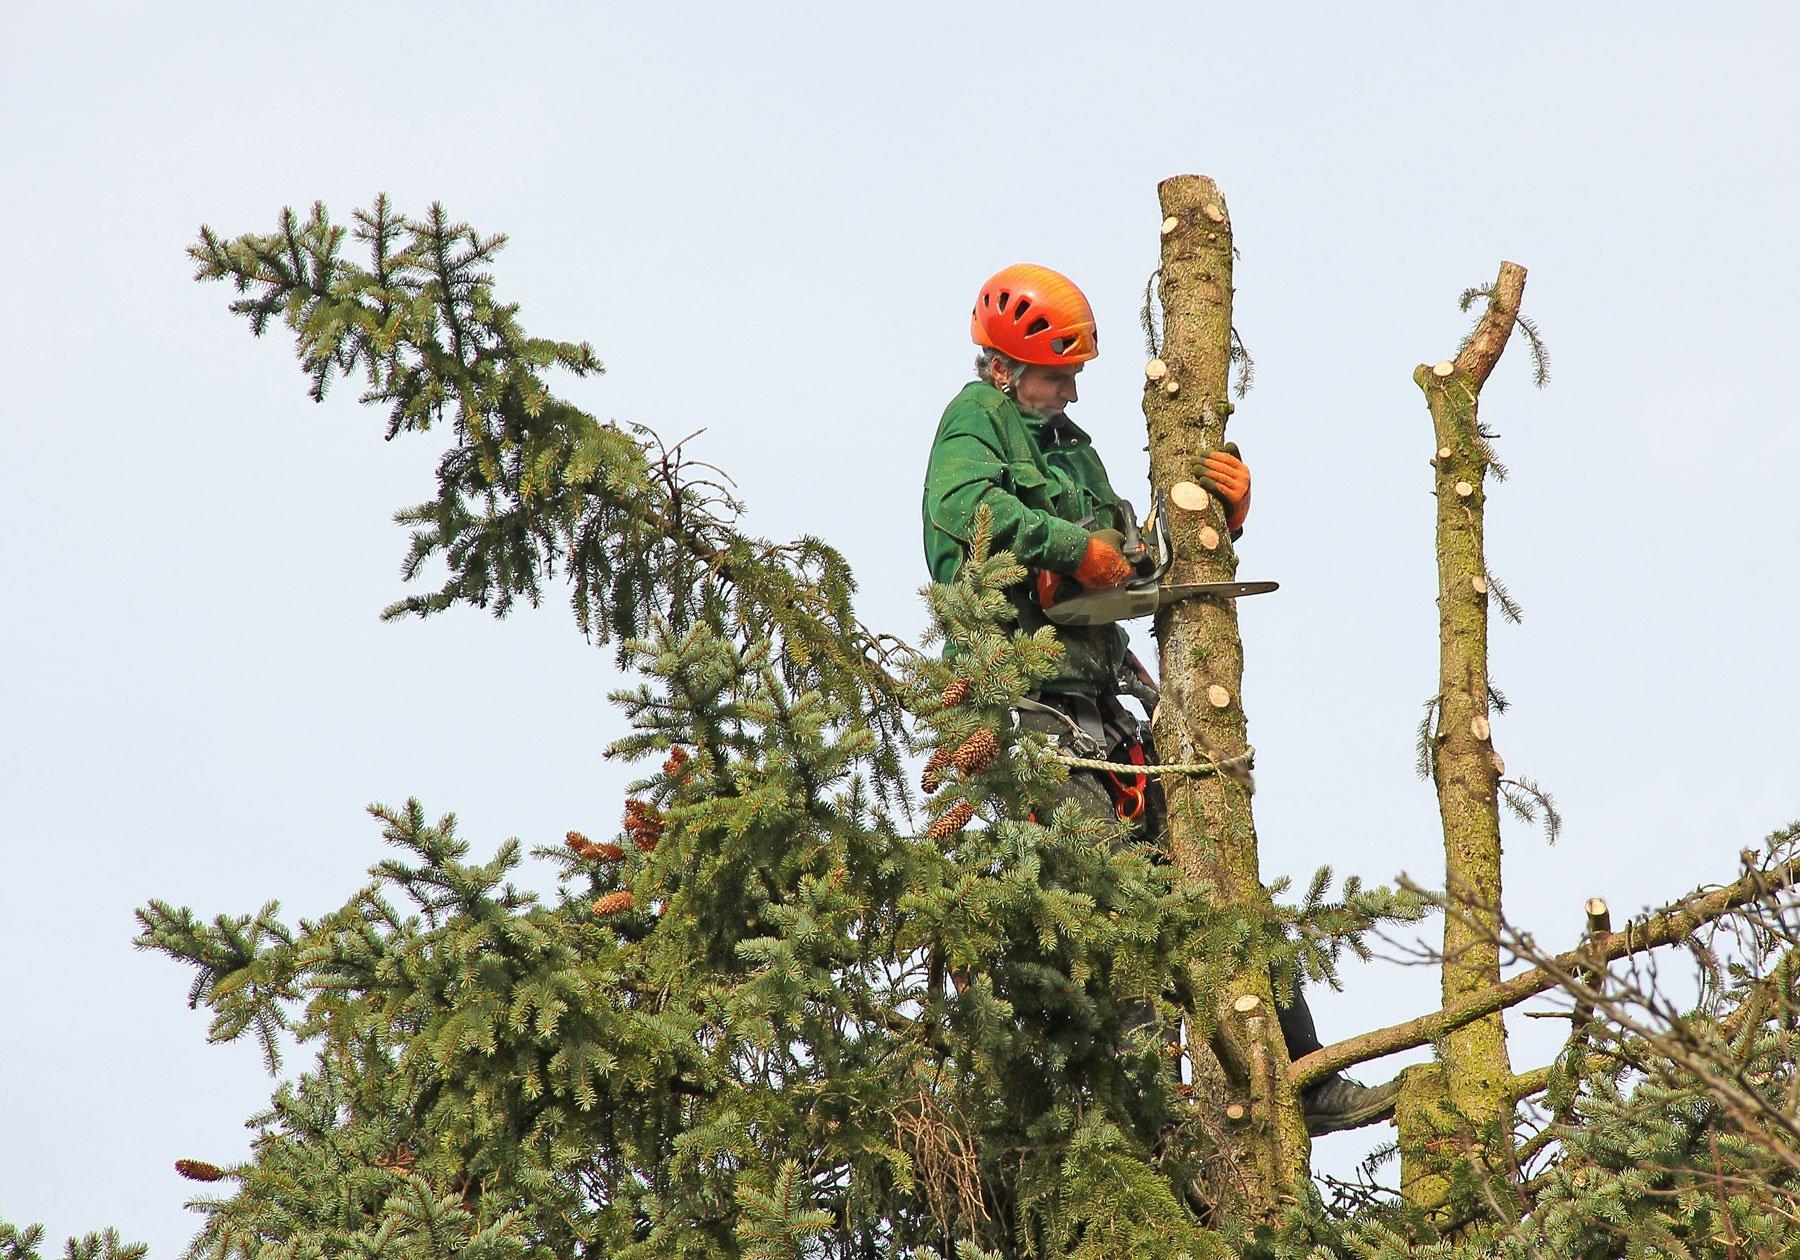 un uomo su un albero mentre sega il tronco